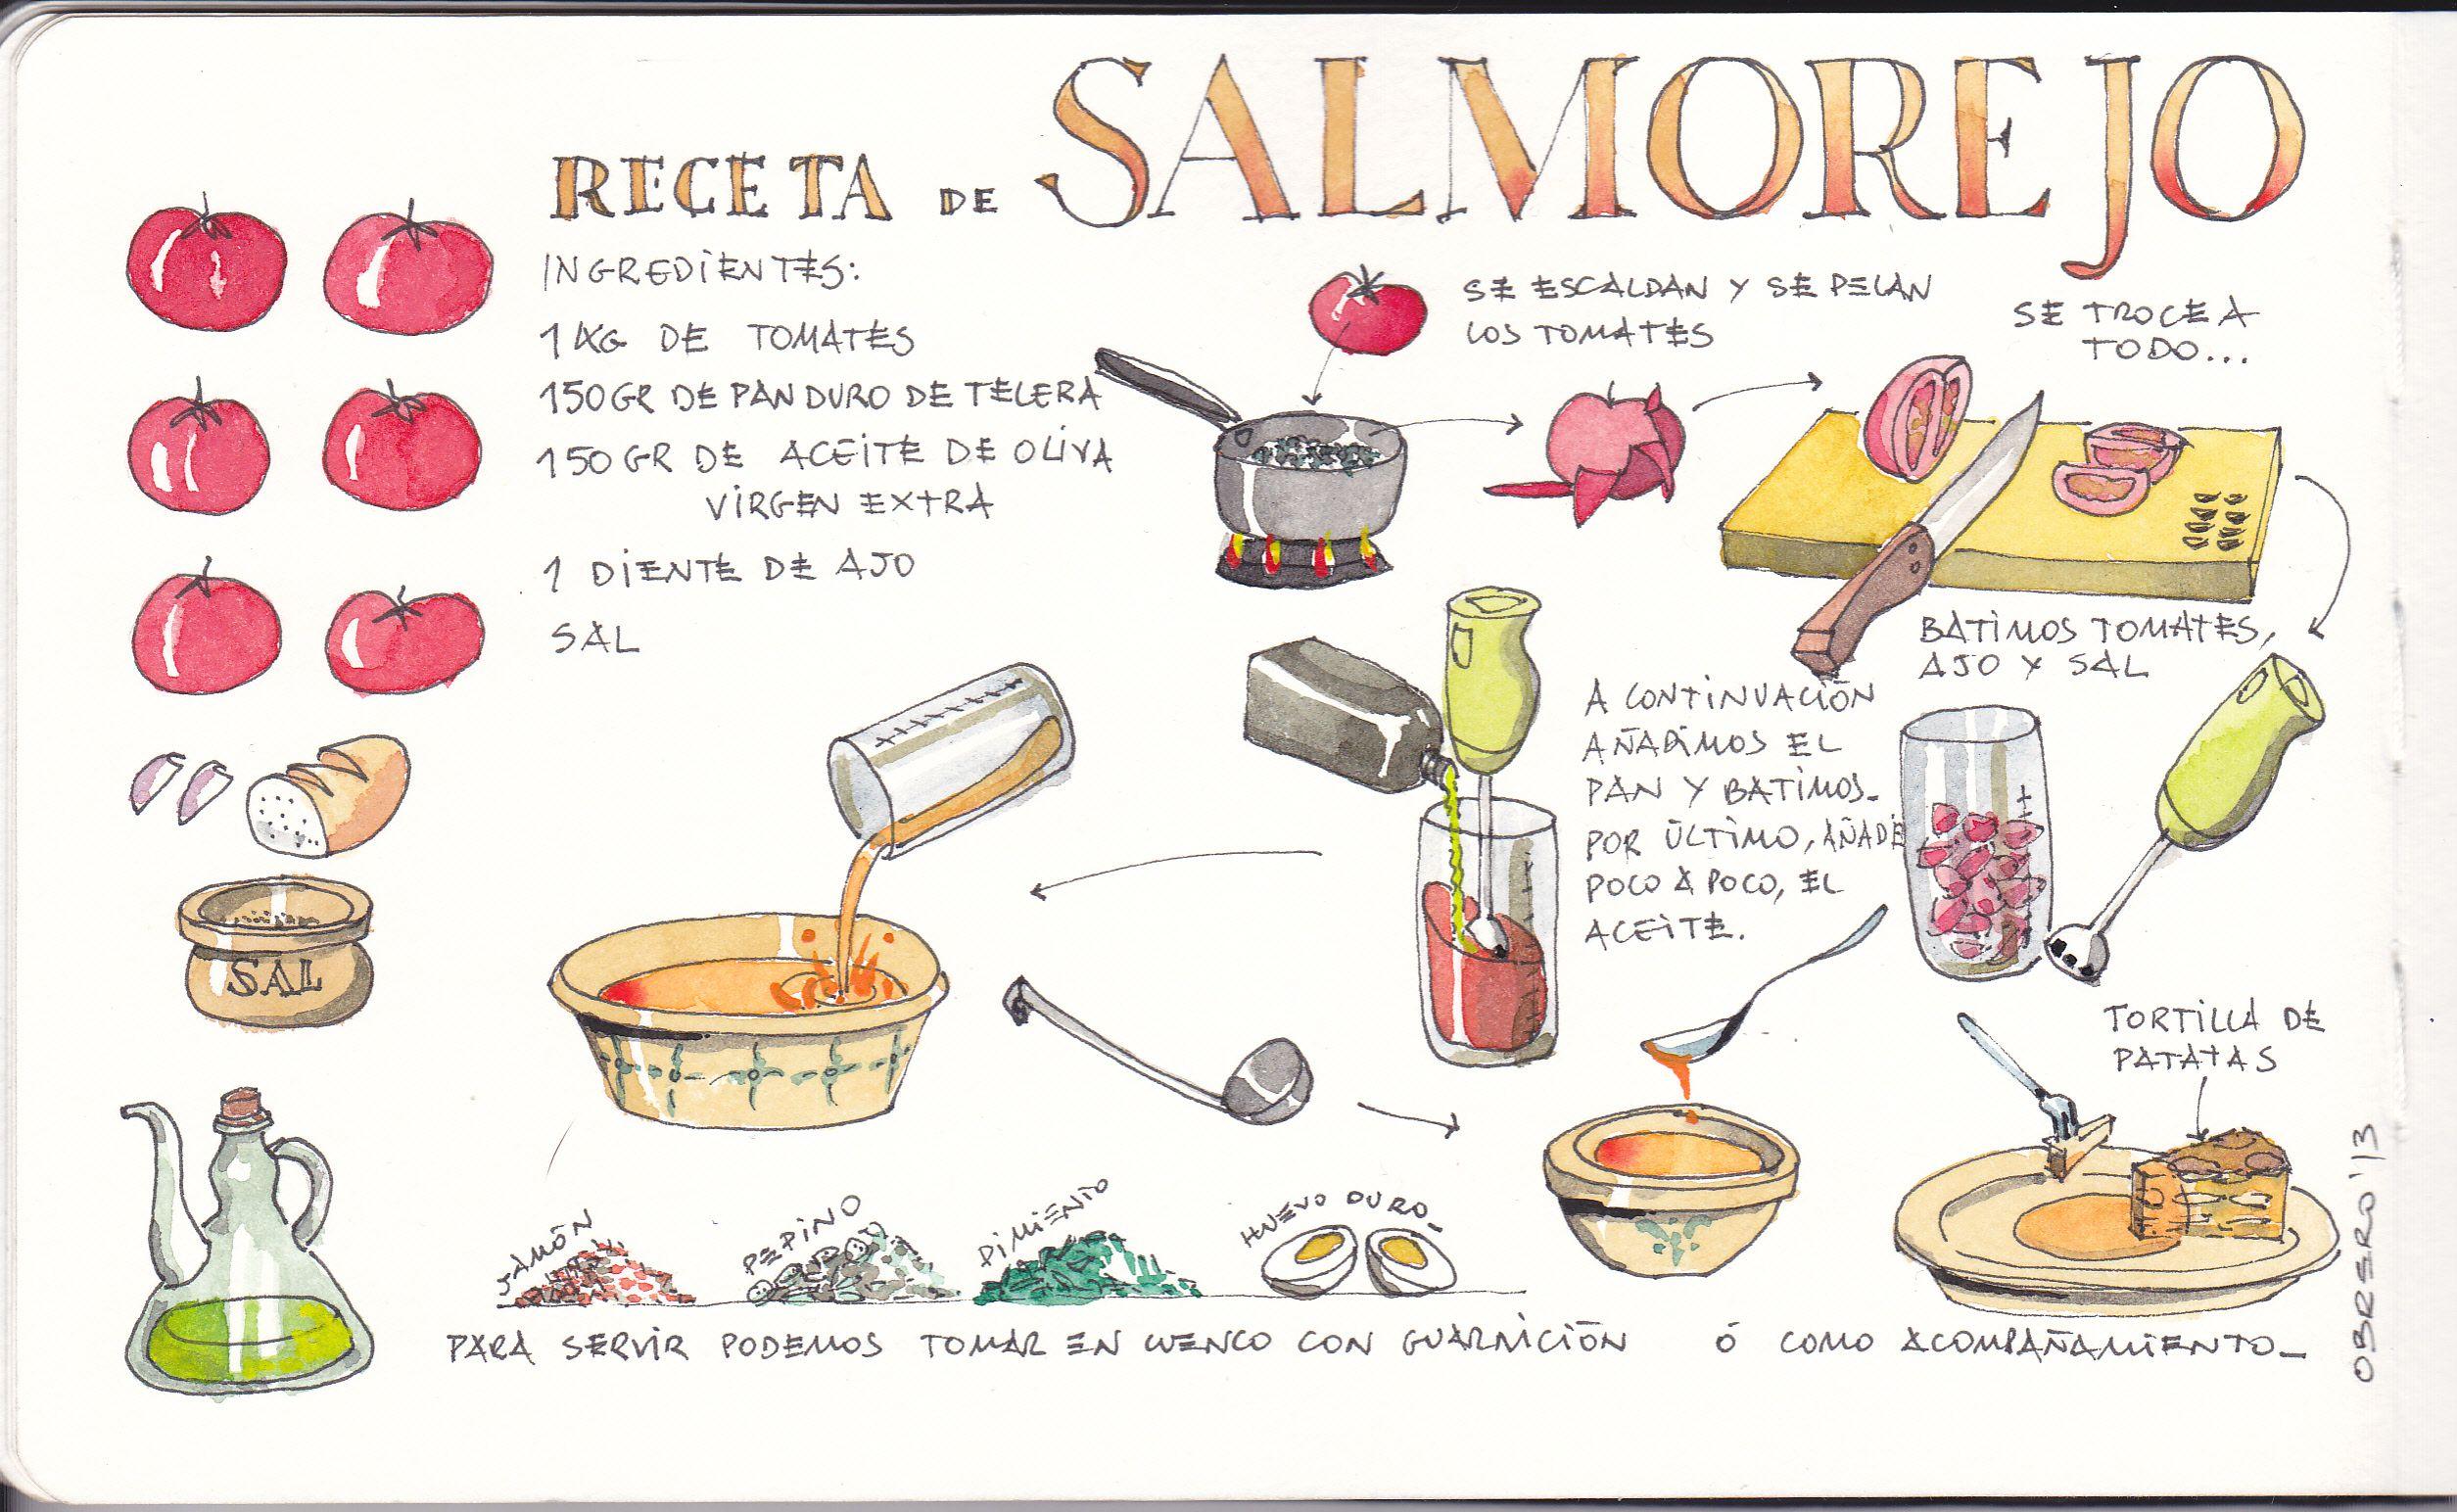 Receta De Salmorejo Salmorejo Recipe Www Rafaelobrero Com Receta Ilustrada Recetas Salmorejo Receta